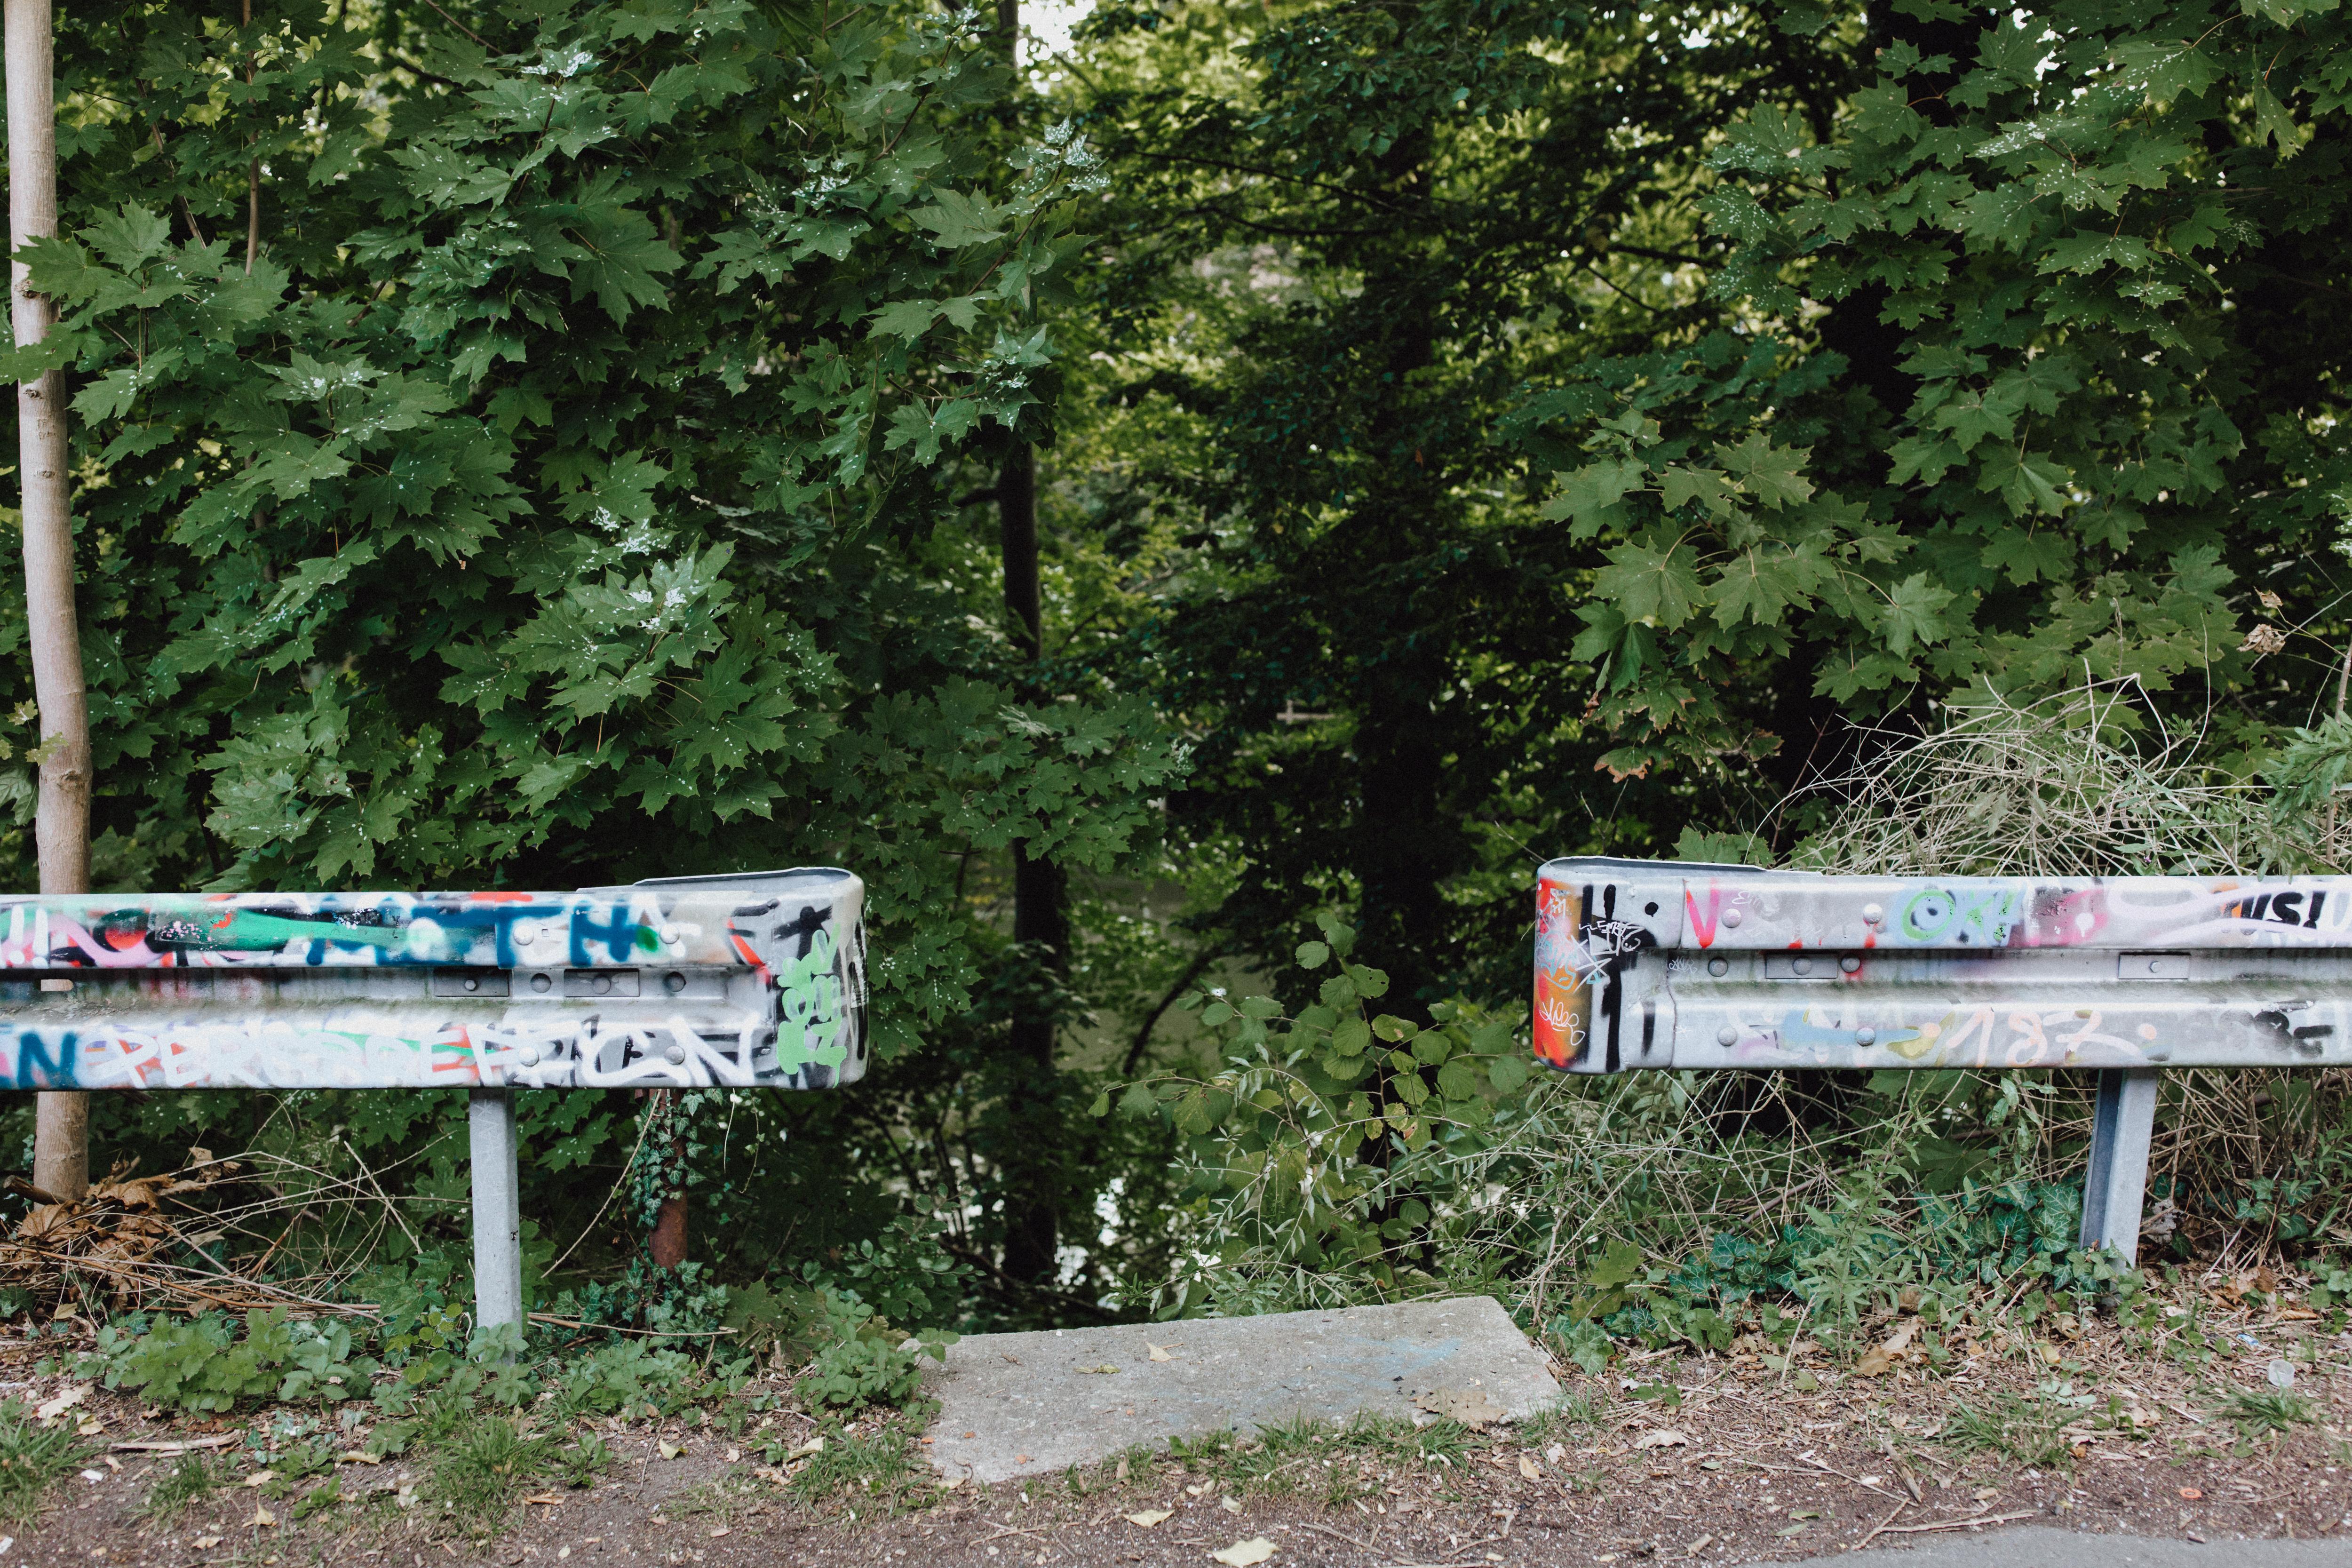 URBANERIE_Daniela_Goth_Fotografin_Nürnberg_Fürth_Erlangen_Schwabach_170906_001_0004